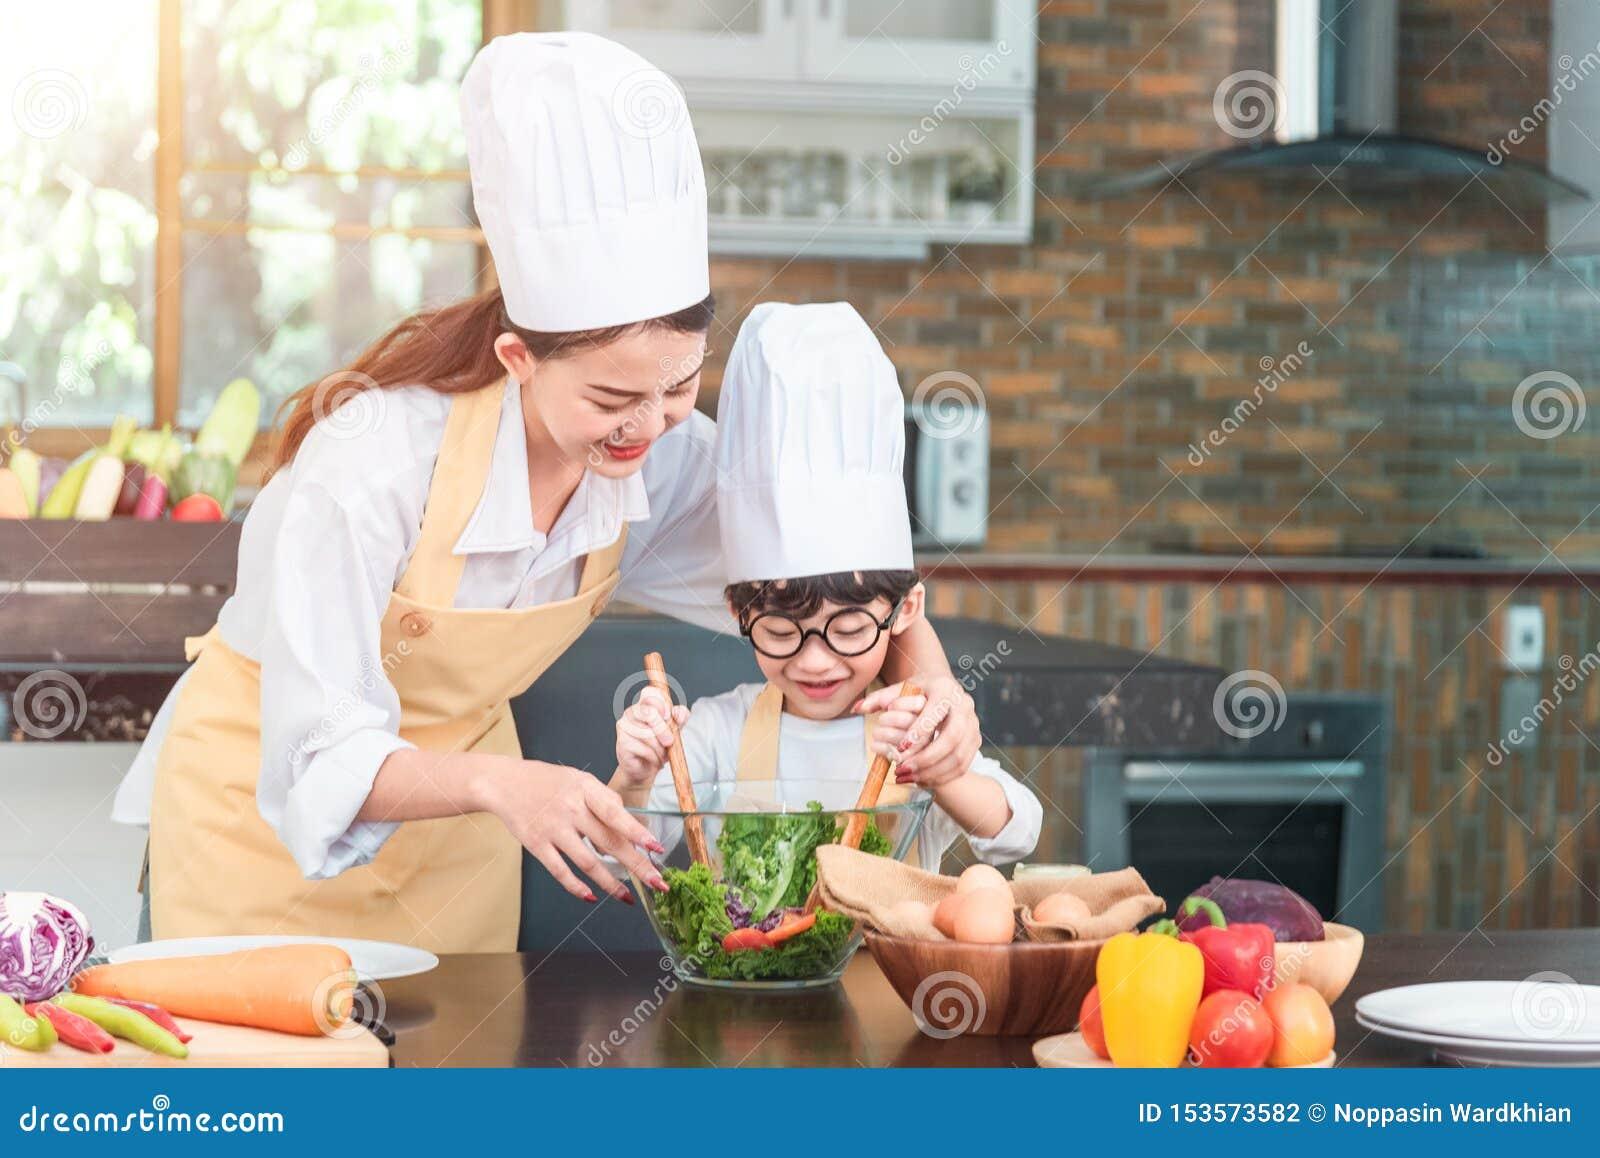 烹调沙拉的妈妈和他的小女儿博洛涅塞调味汁在厨房,那里是逃脱从在烹调的平底锅的蒸汽